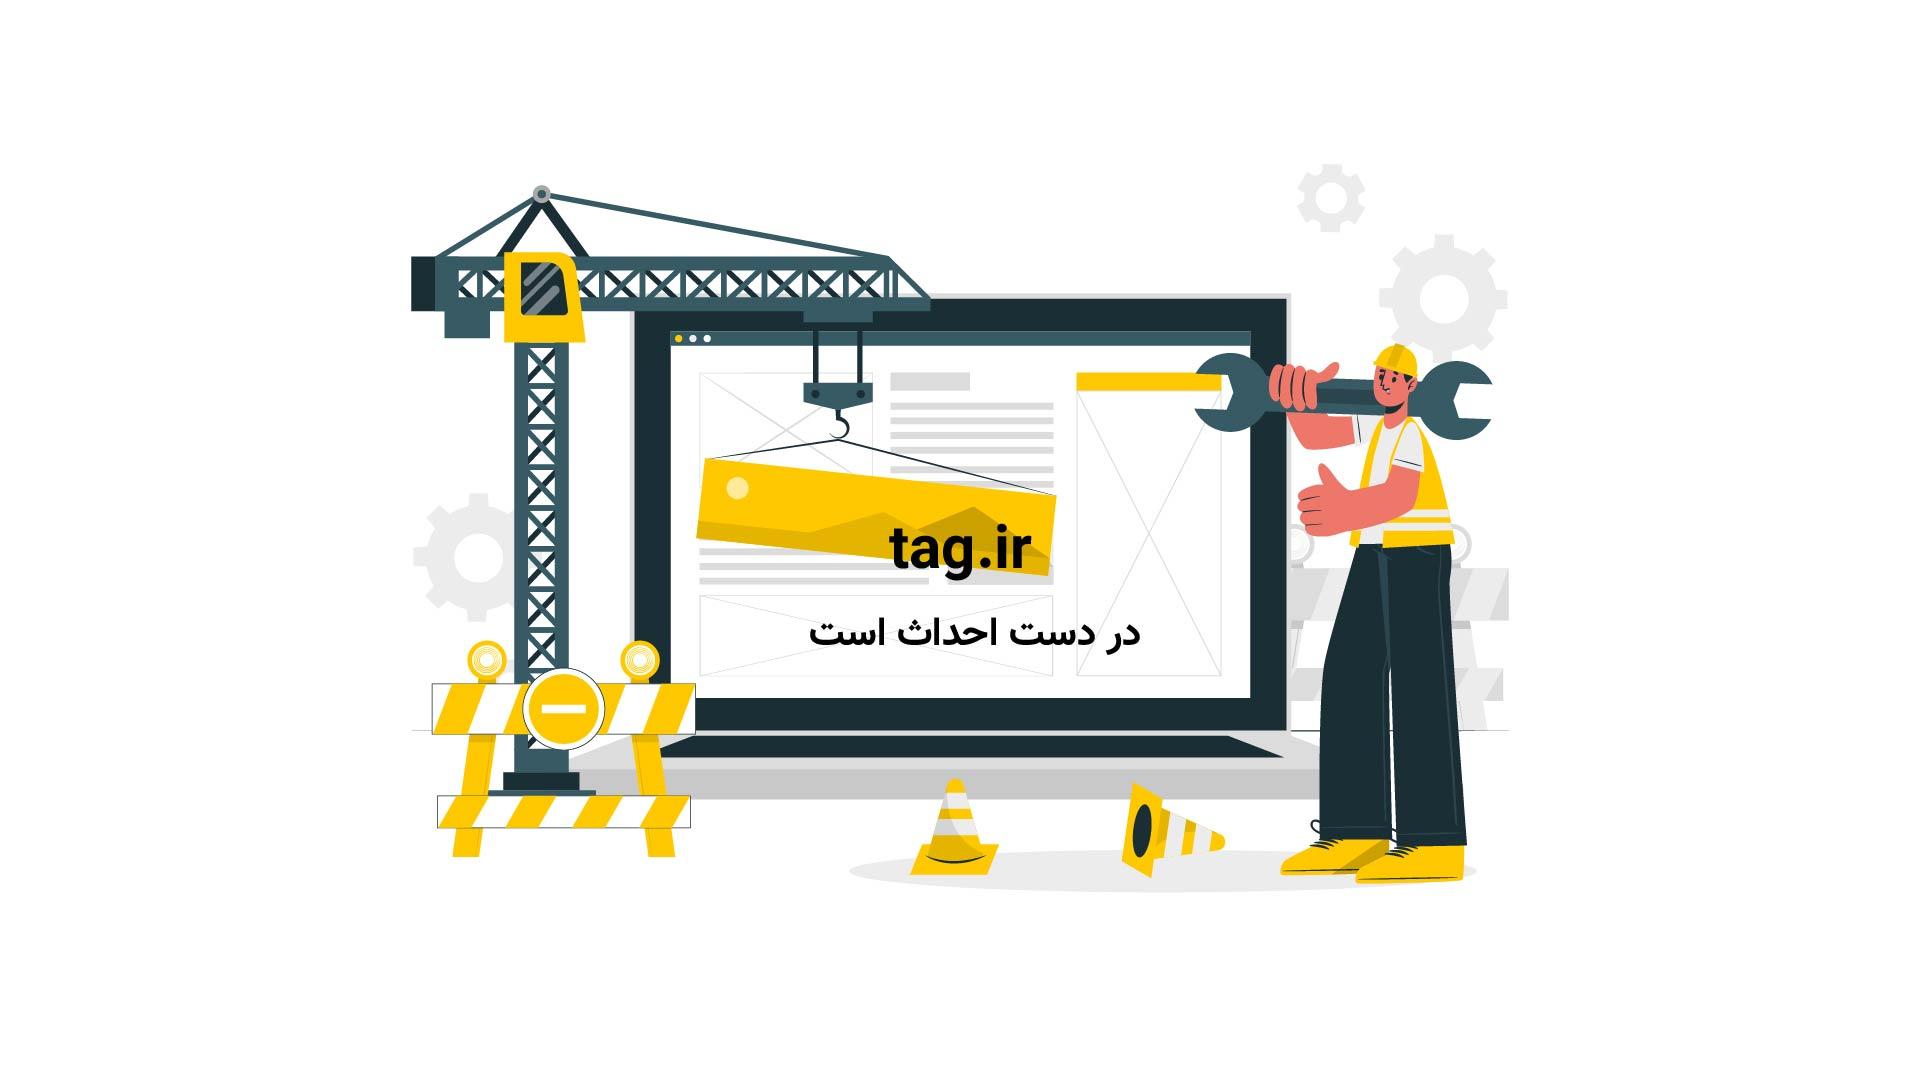 ۳۹ نفر کشته در حمله انتحاری به مسجد امام زمان (عج) کابل   فیلم